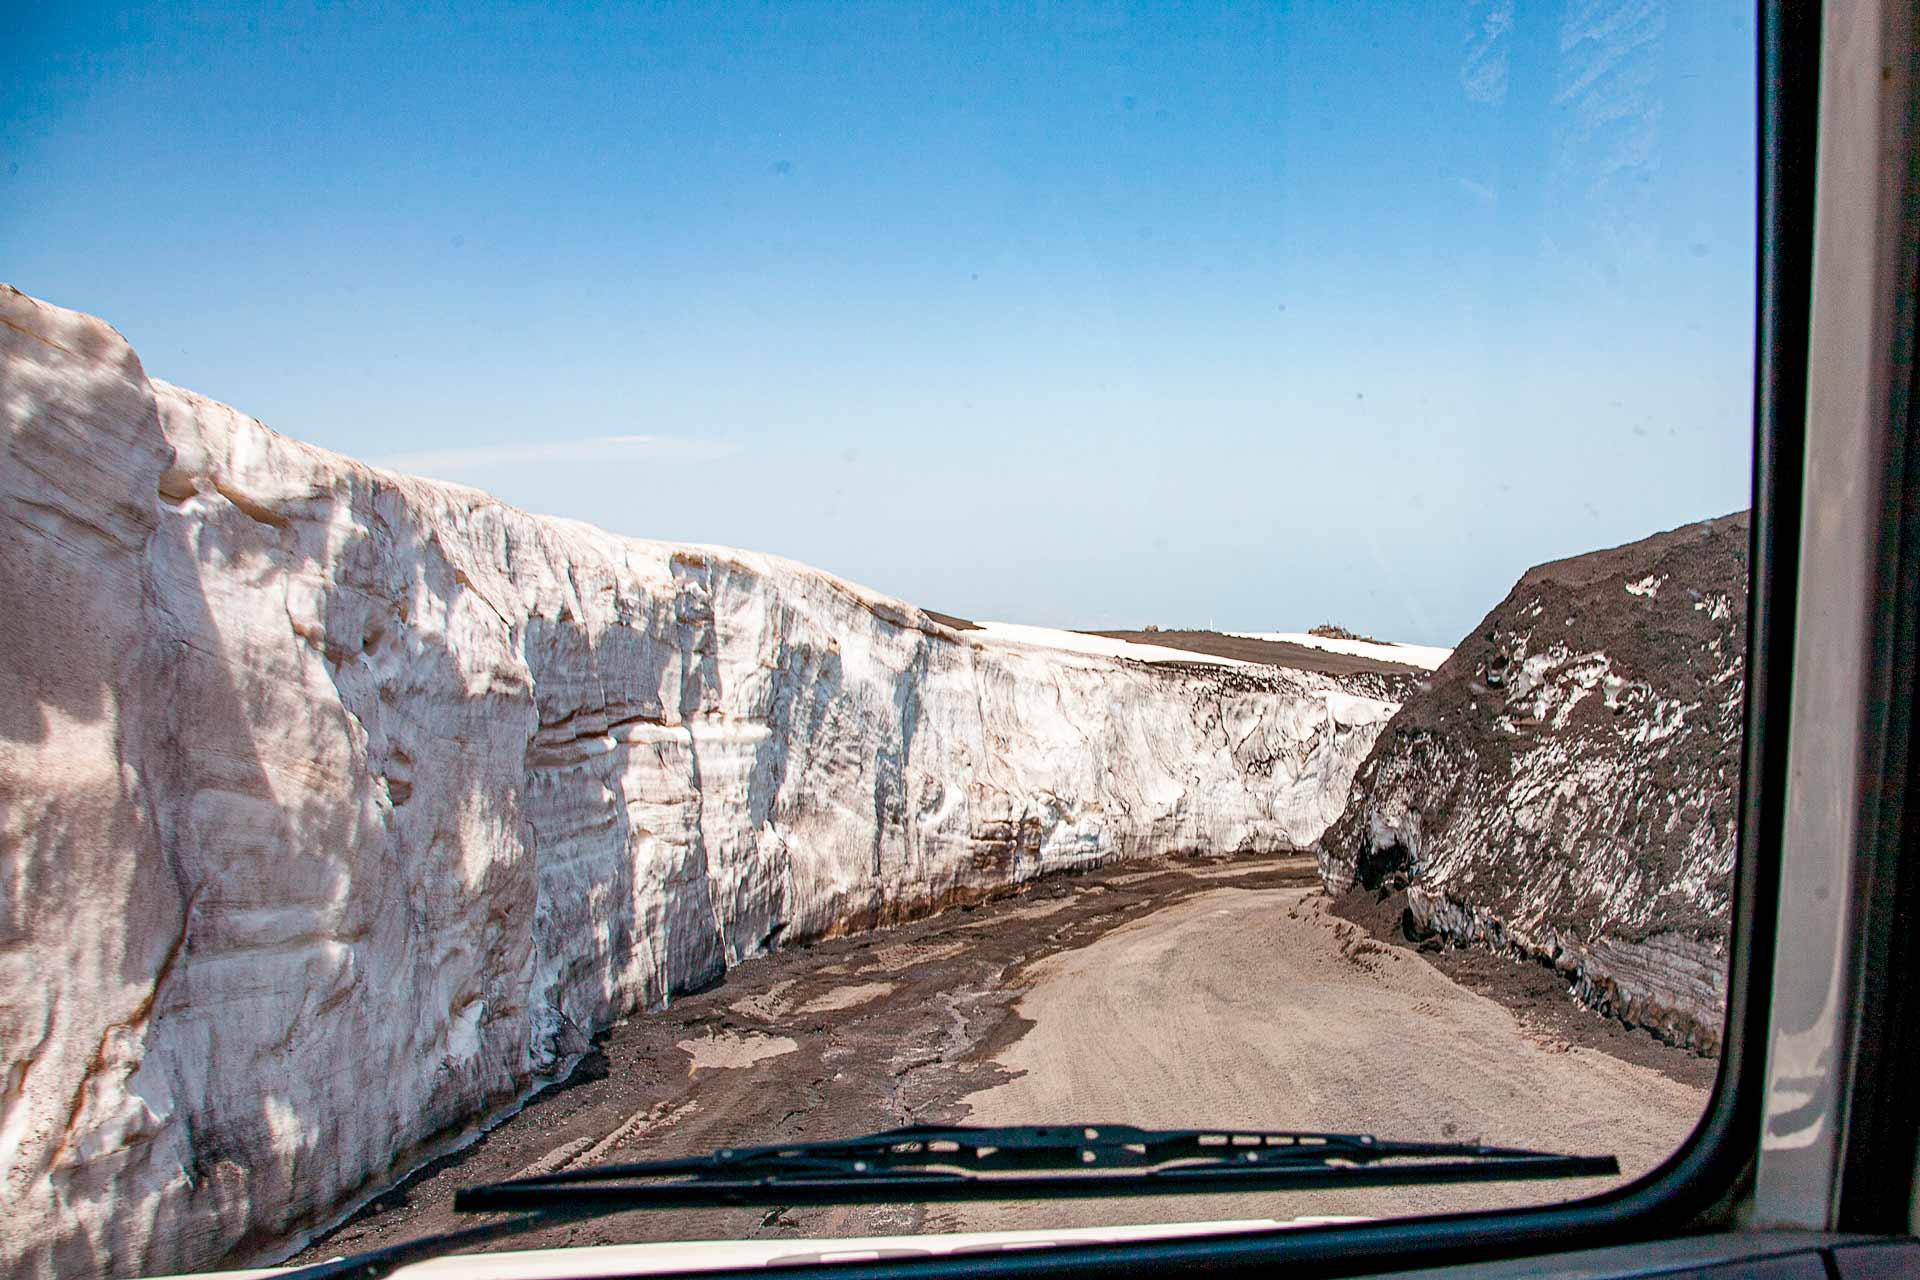 Percorrendo la strada tra le alte pareti di neve, in soli 20 minuti raggiungiamo quota 2.900 m. sul livello del mare